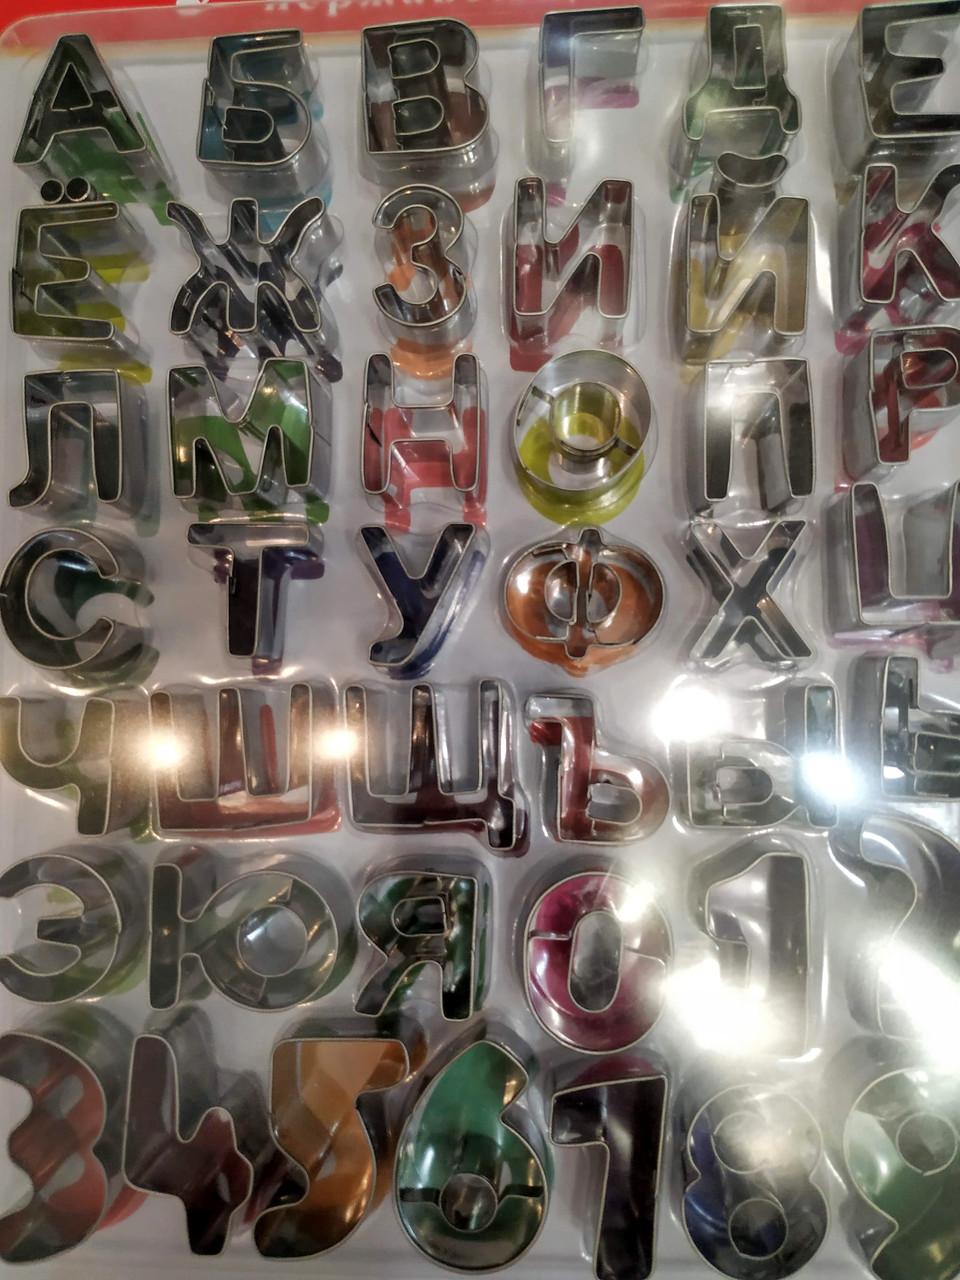 Набор кондитерских вырубок Буквы и цифры 43 шт Русский алфавит